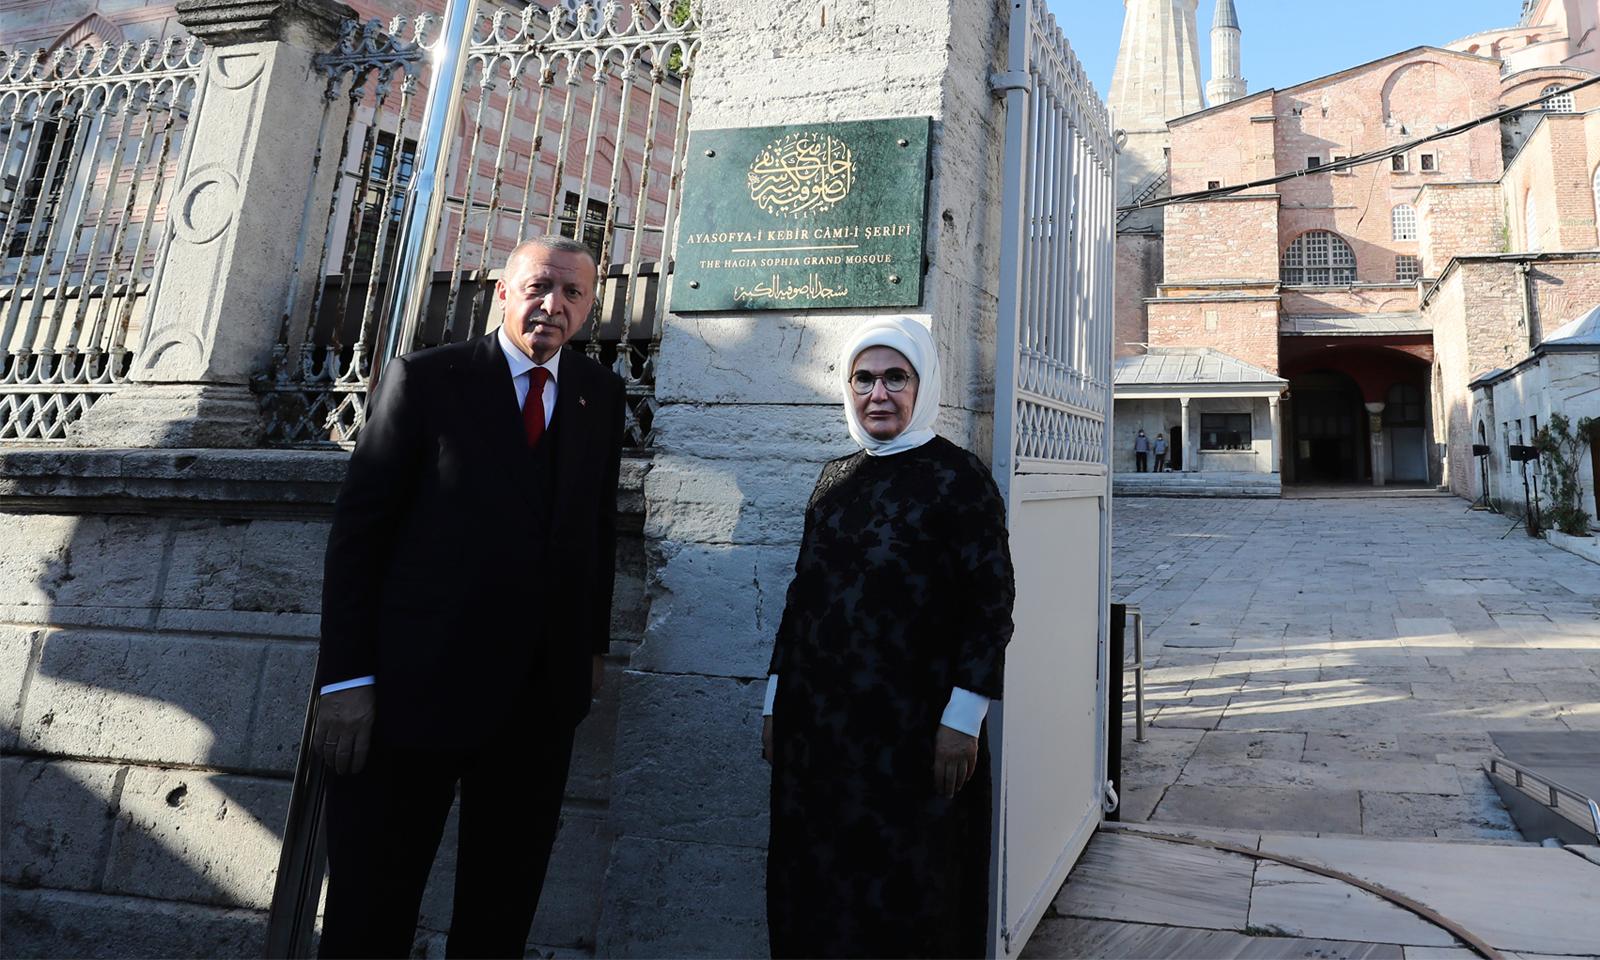 ترک عدالت نے 10 جولائی کو آیا صوفیہ کو مسجد میں تبدیل کرنے کی اجازت دی تھی — فوٹو:اے پی